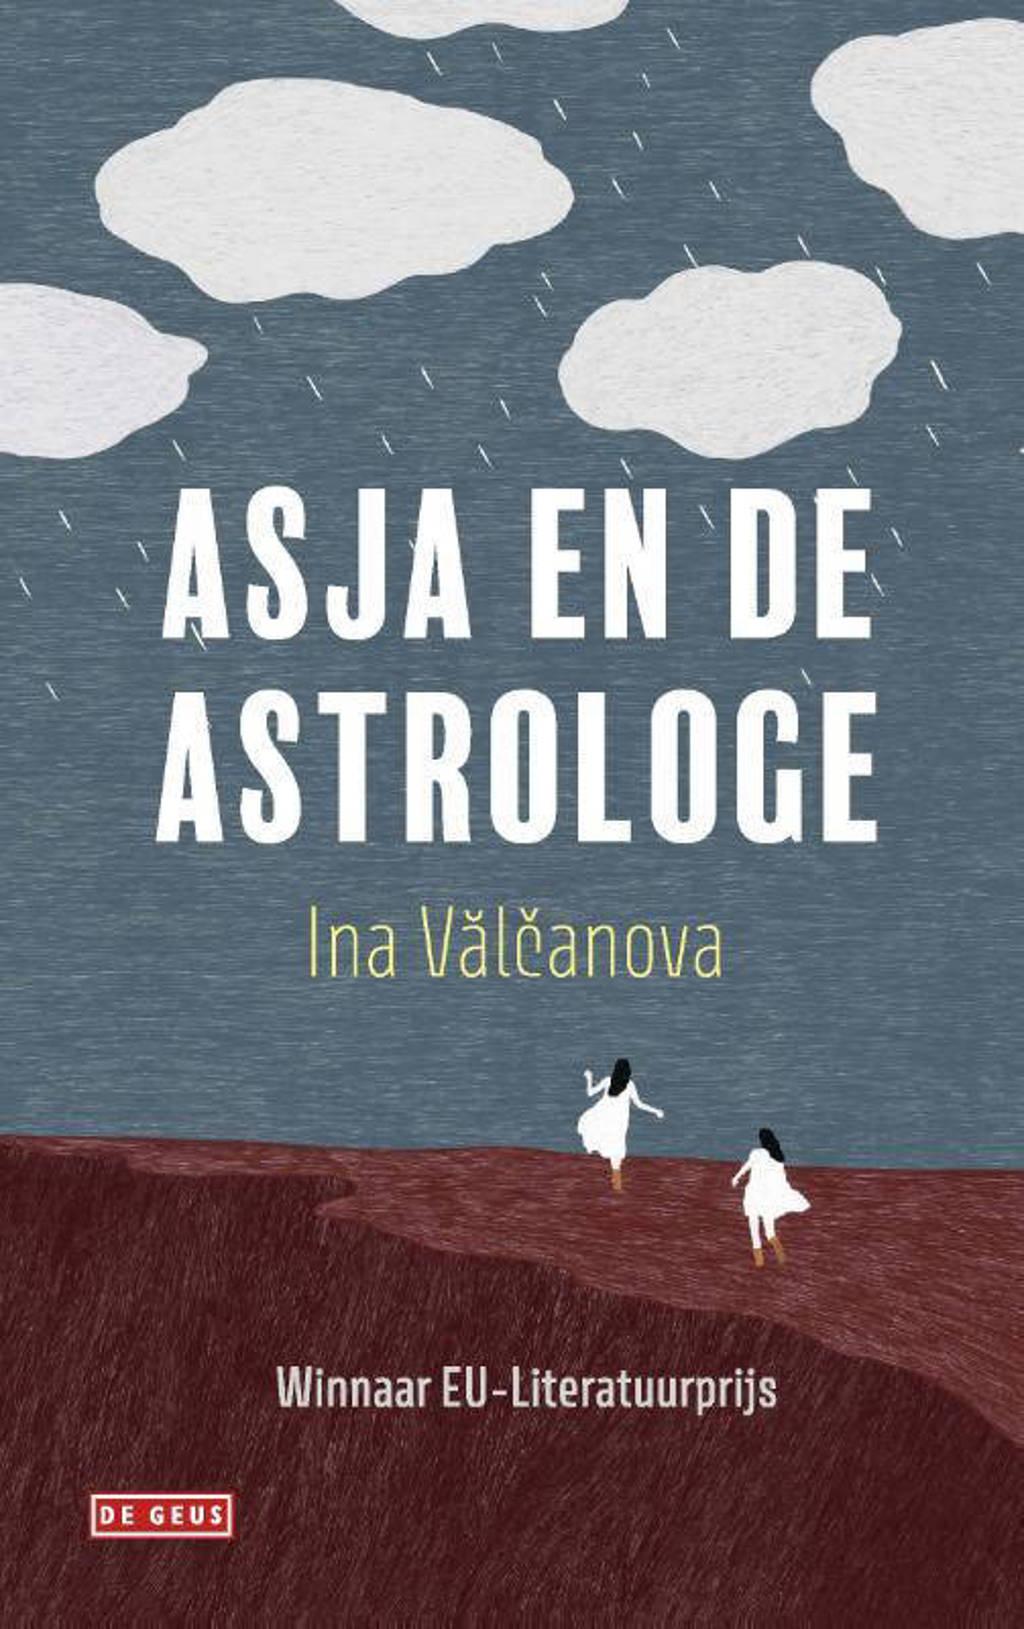 Asja en de astrologe - Ina Vălčanova